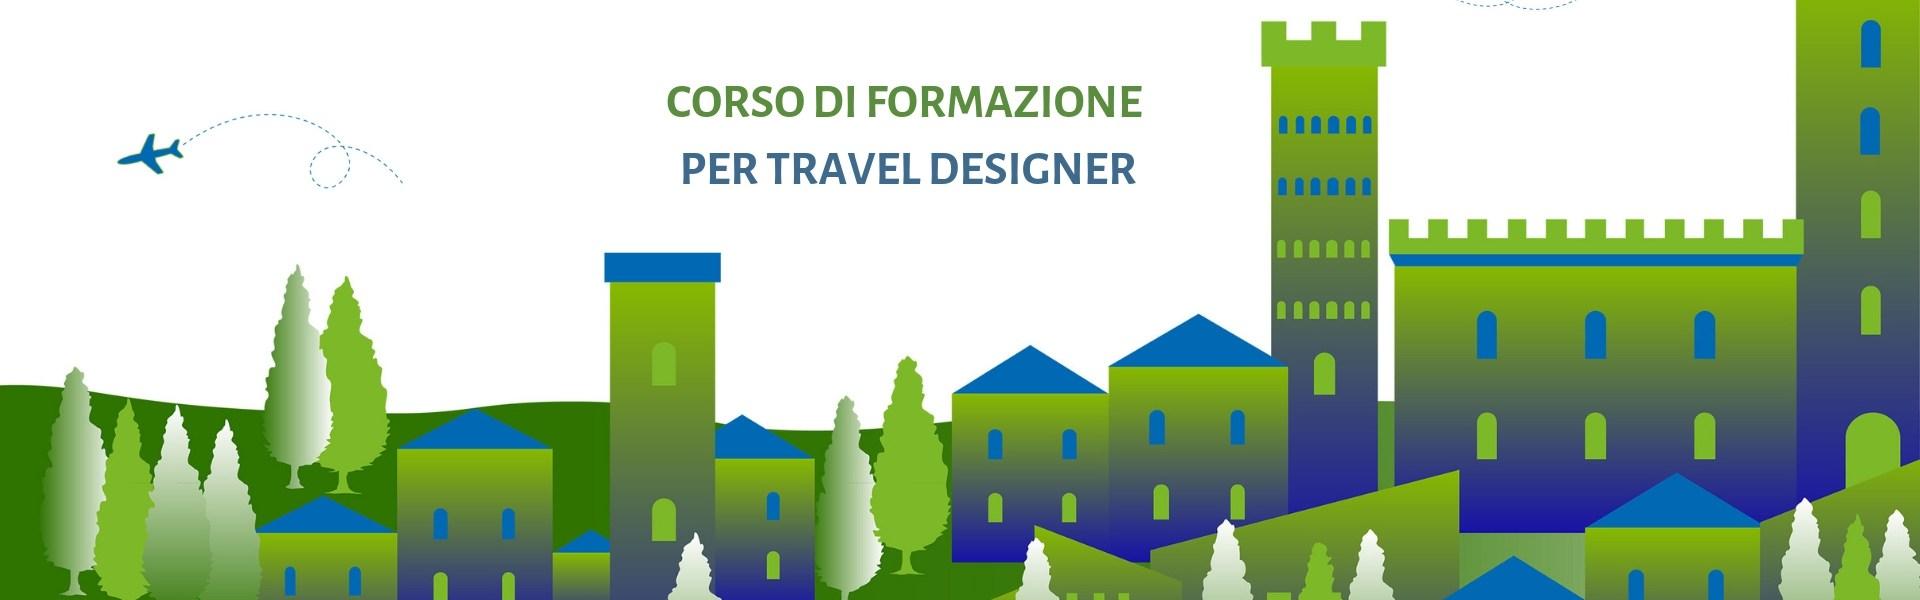 Corso di Formazione per Travel Designer